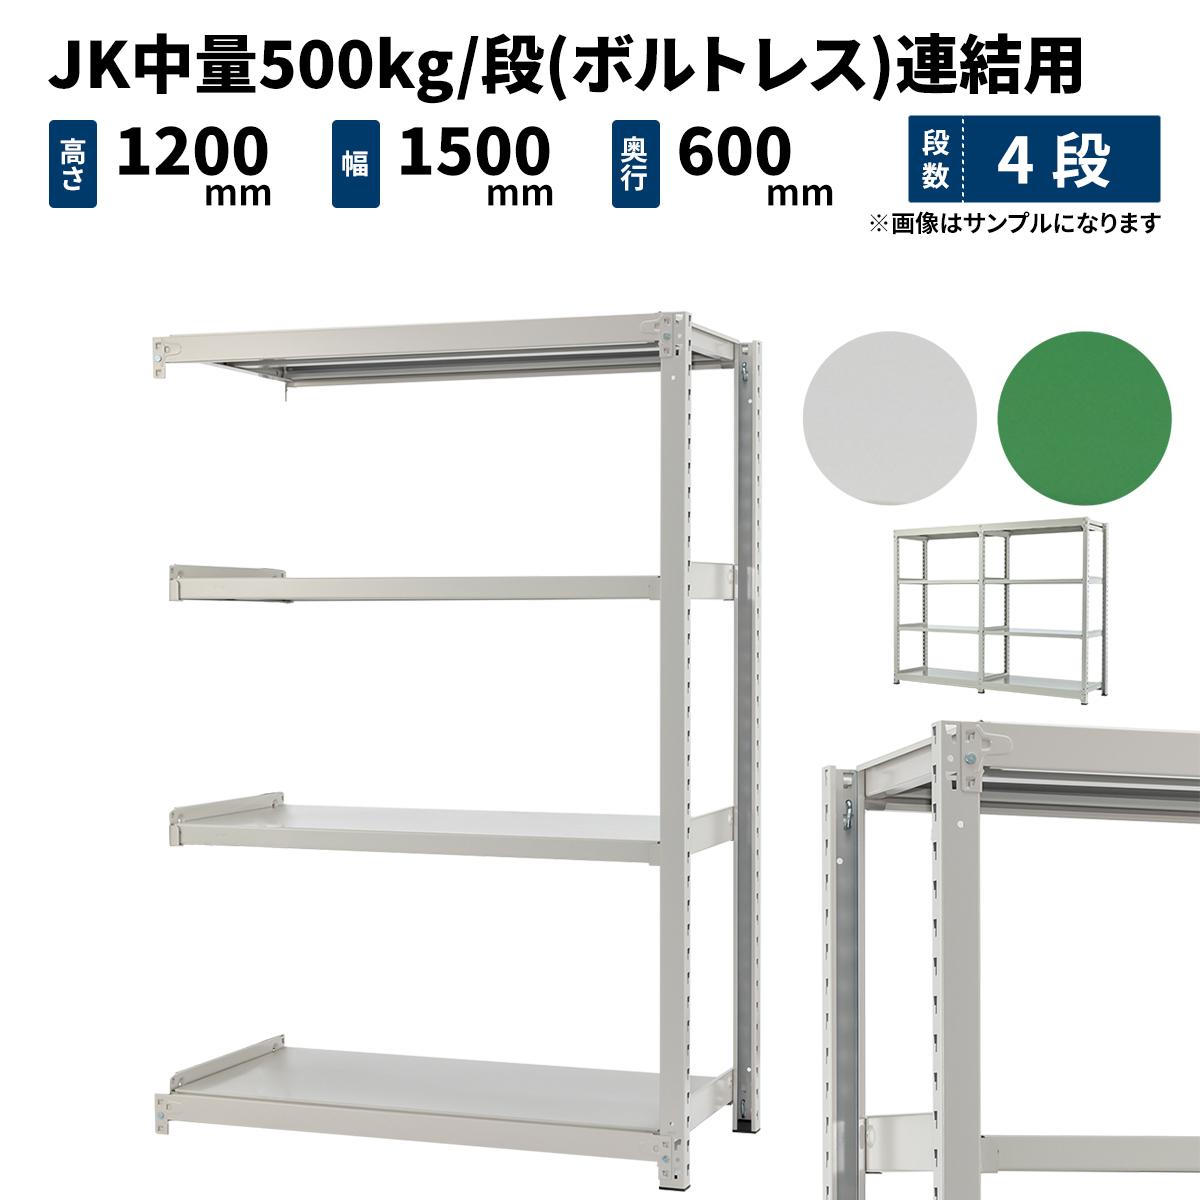 スチールラック 業務用 JK中量500kg/段(ボルトレス) 連結形式 高さ1200×幅1500×奥行600mm 4段 ホワイトグレー/グリーン (72kg) JK500_R-121506-4